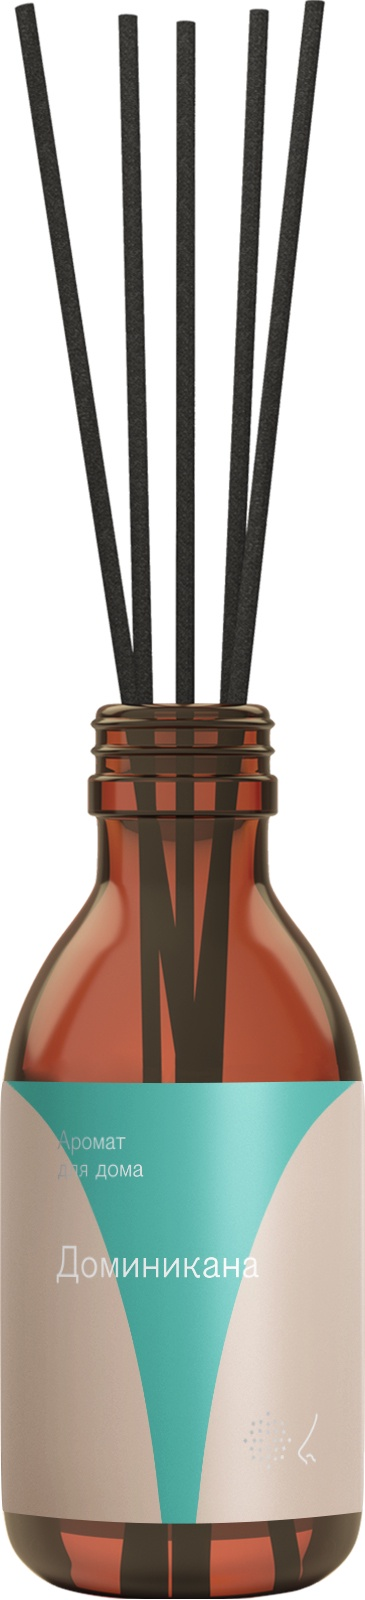 Ароматический диффузор Библиотека ароматов Доминикана косметика карла доминикана